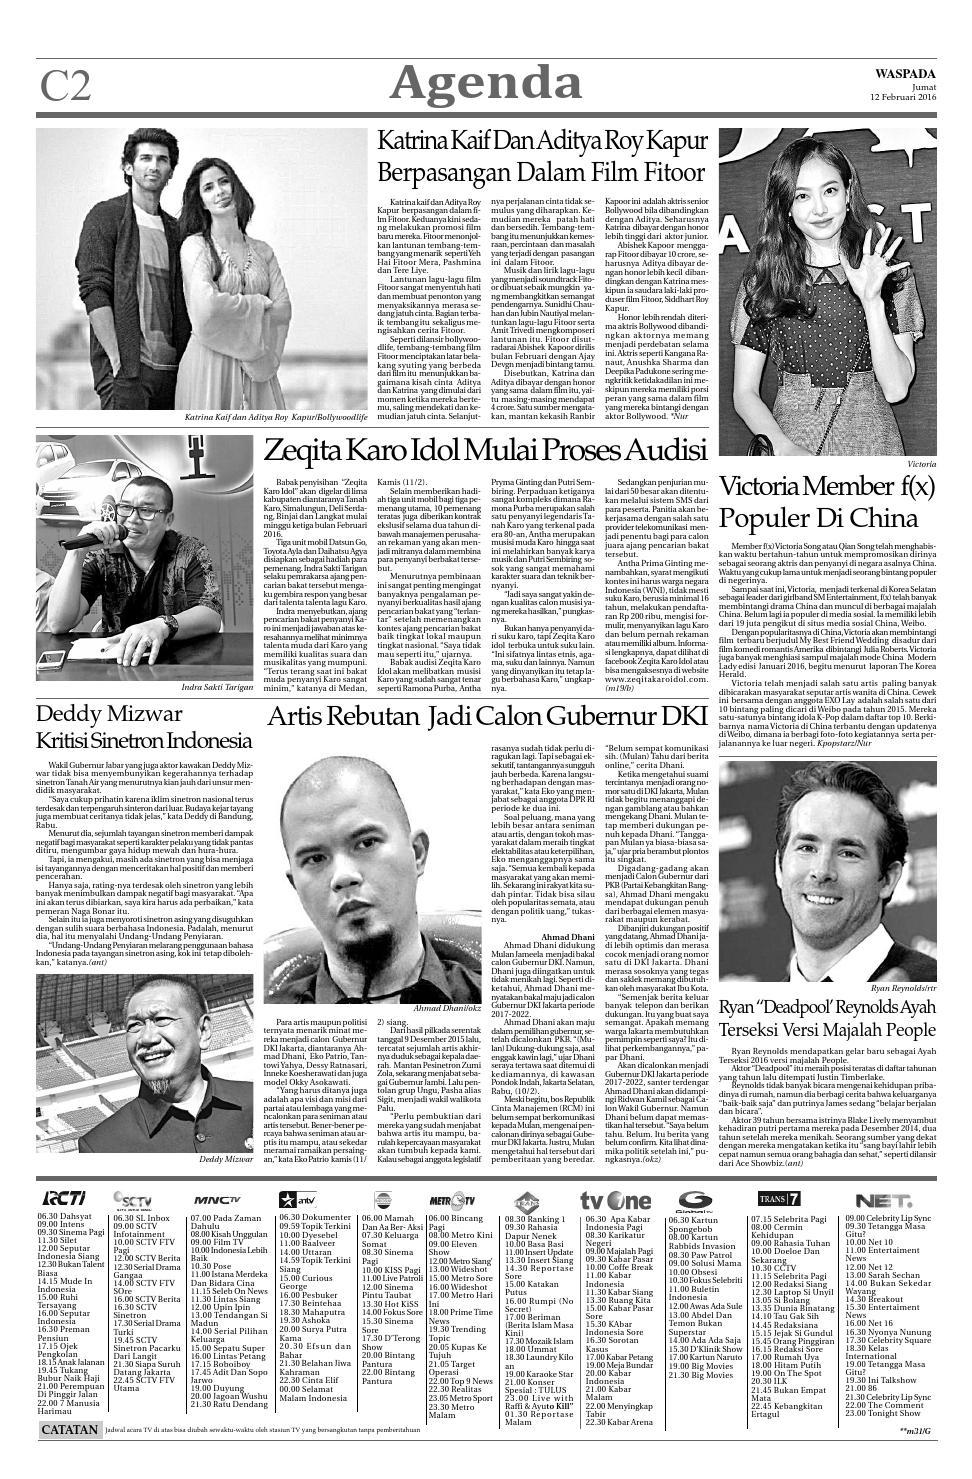 Waspada, jumat 12 februari 2016 by Harian Waspada - issuu